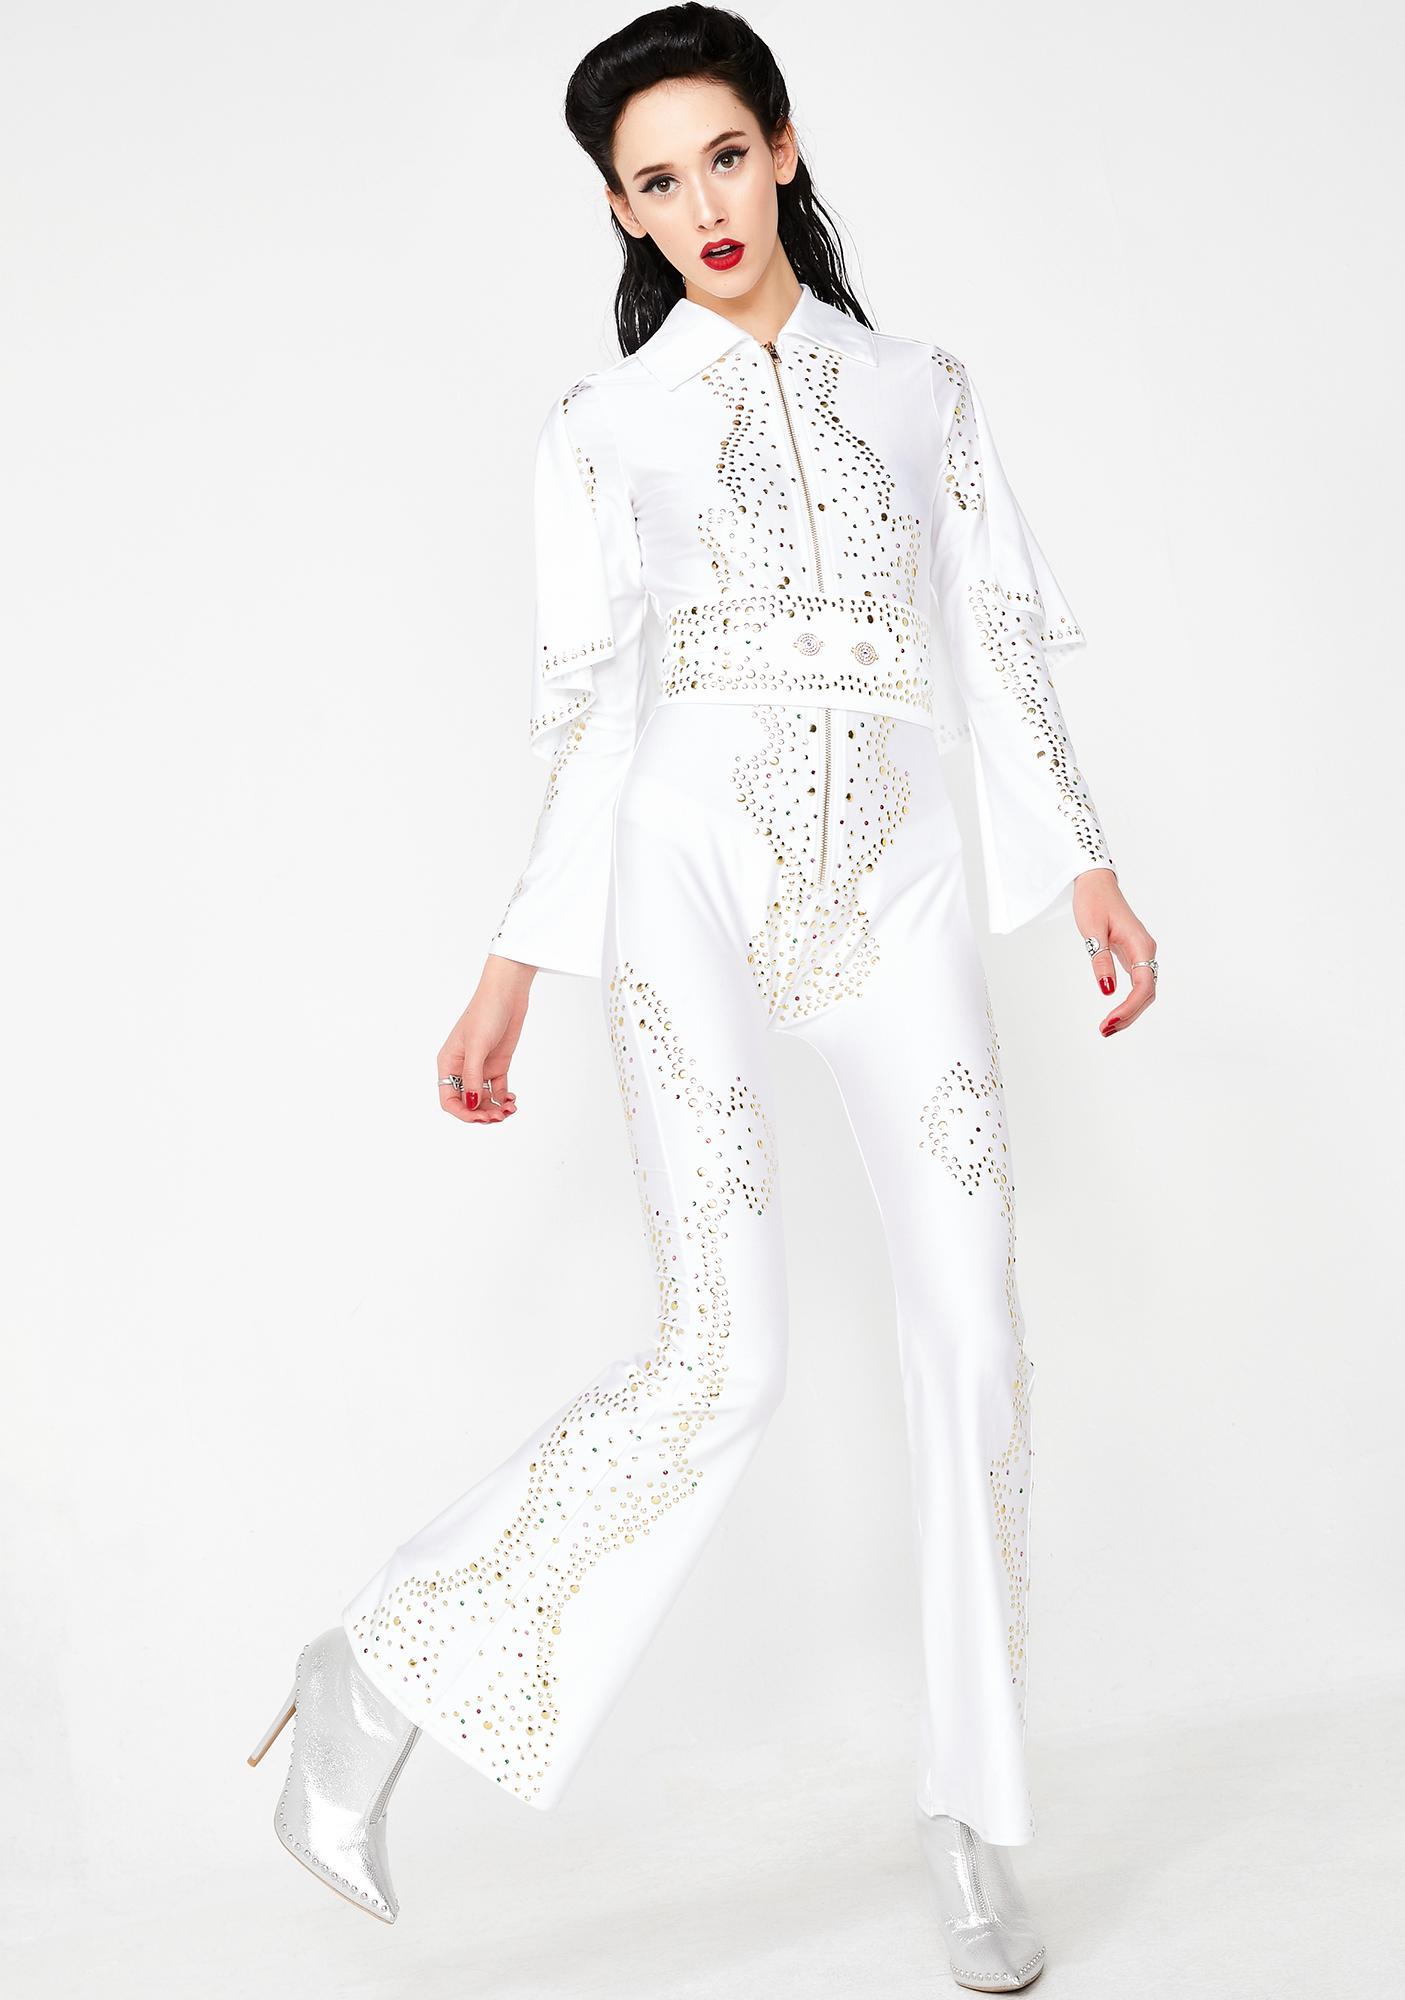 d5c765e1f8e4 White Sexy Elvis Presley Jumpsuit Costume